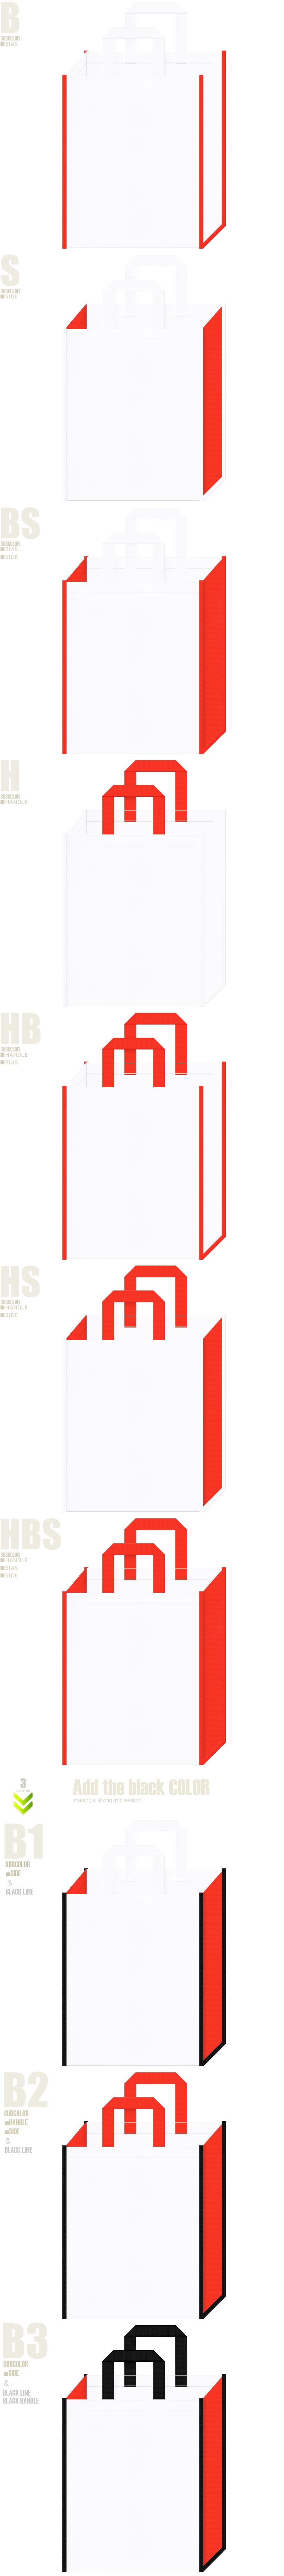 展示会用バッグ・スポーツイベント・サプリメント・ビタミン・キッチン用品・レシピ・クッキング・料理教室・学校・学園・オープンキャンパスにお奨めの不織布バッグデザイン:白色とオレンジ色のコーデ10パターン